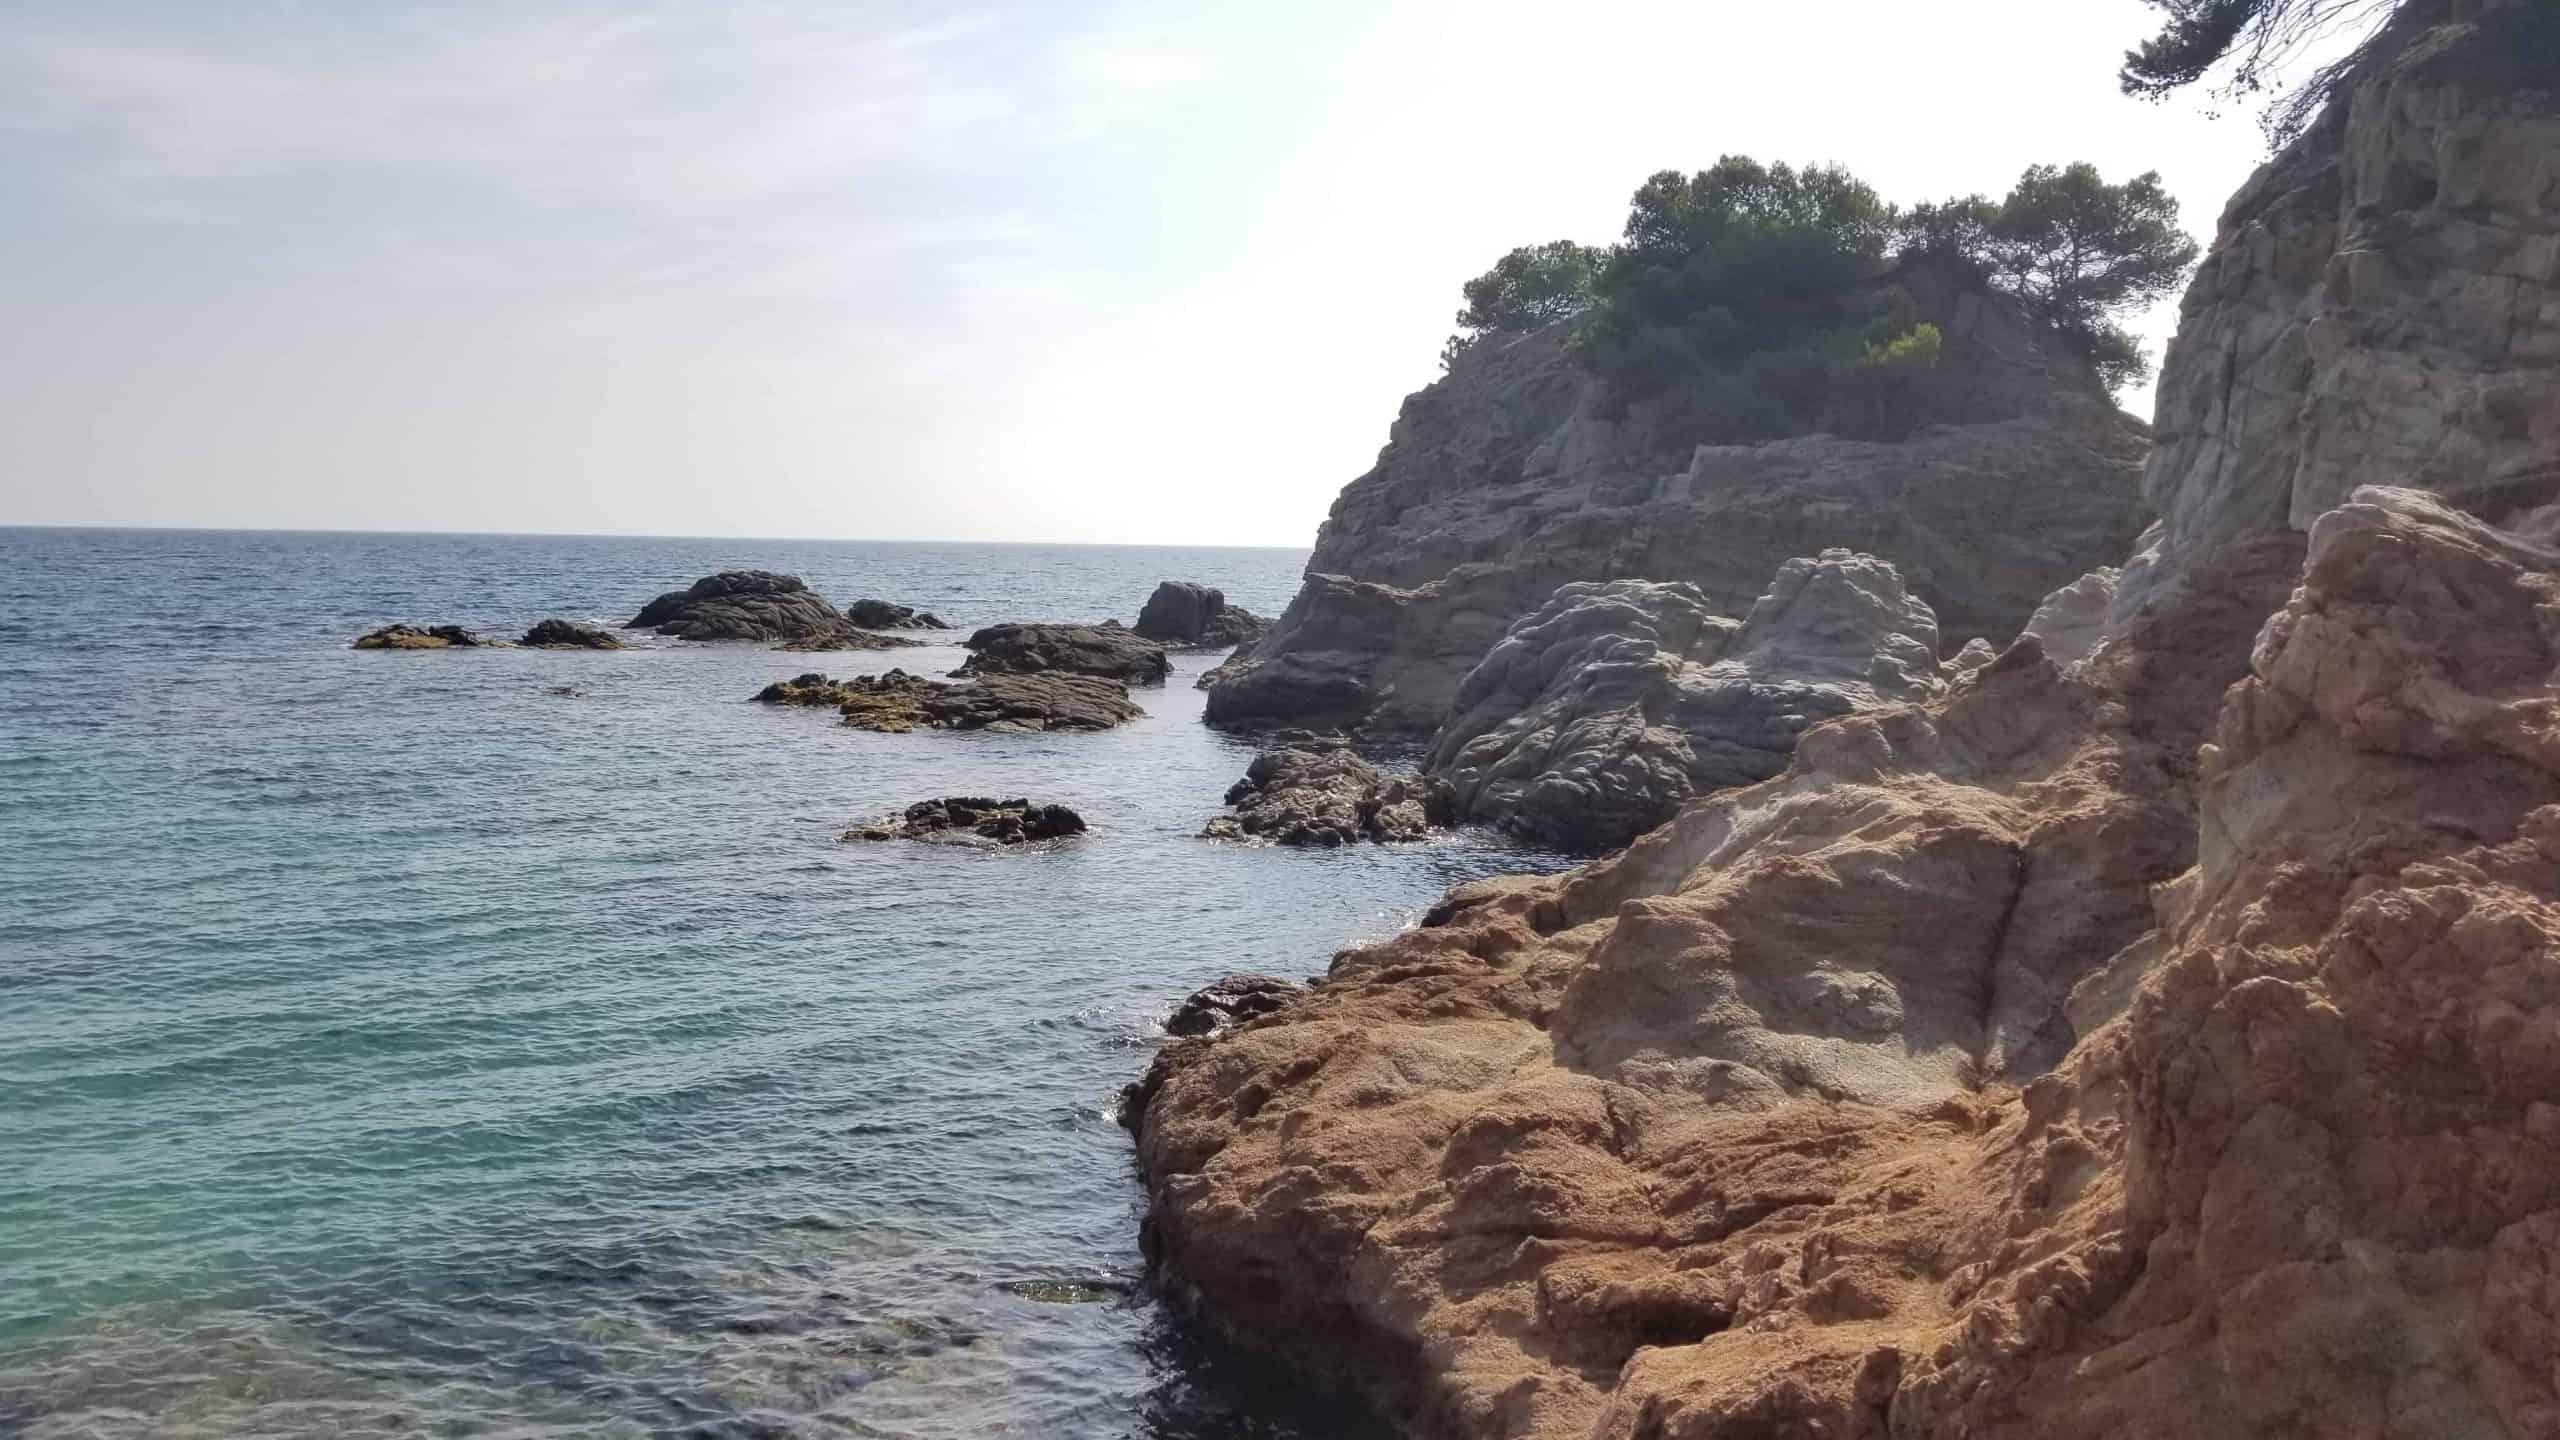 Diving area near Platja de Fenals.